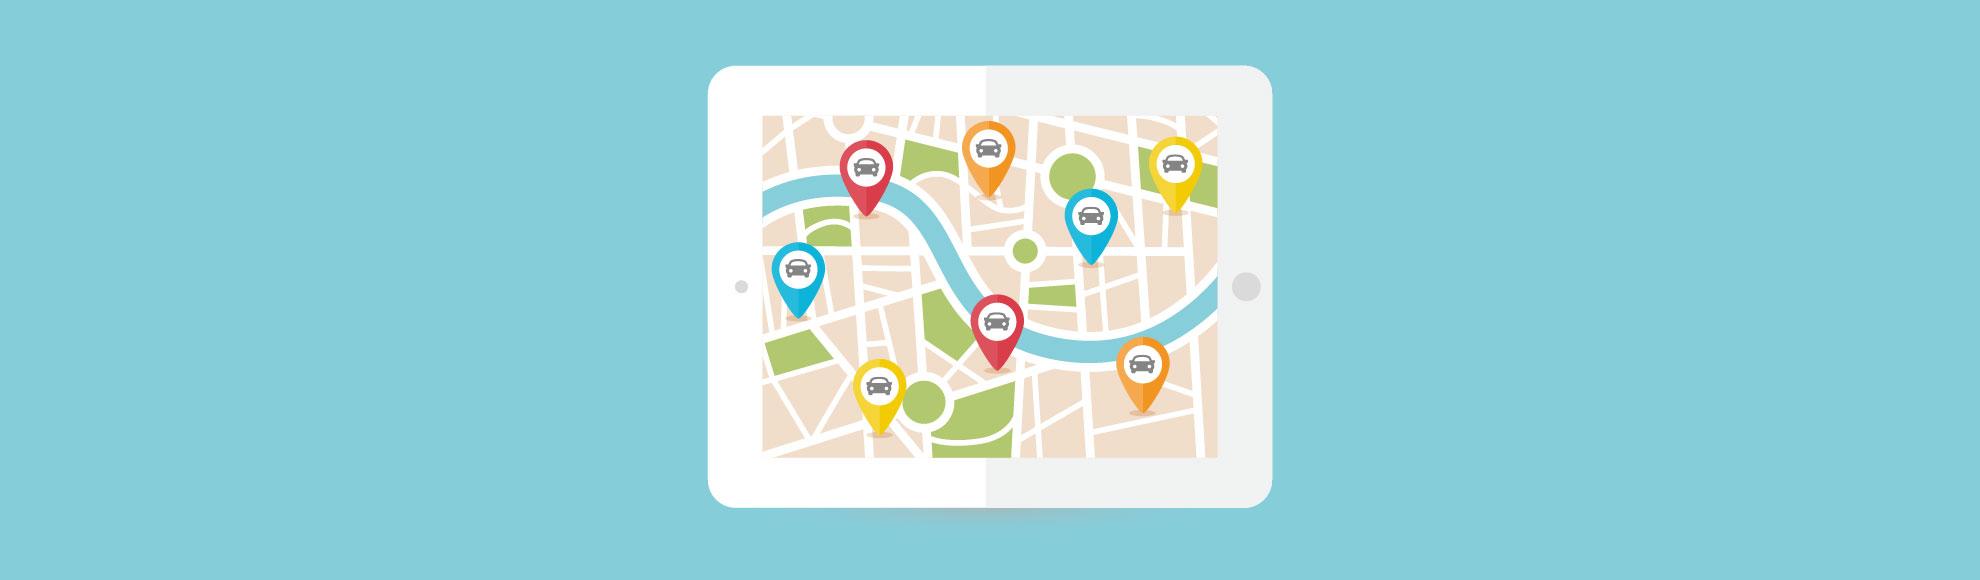 Distribución geográfica de las distintas concesiones de un grupo de automoción